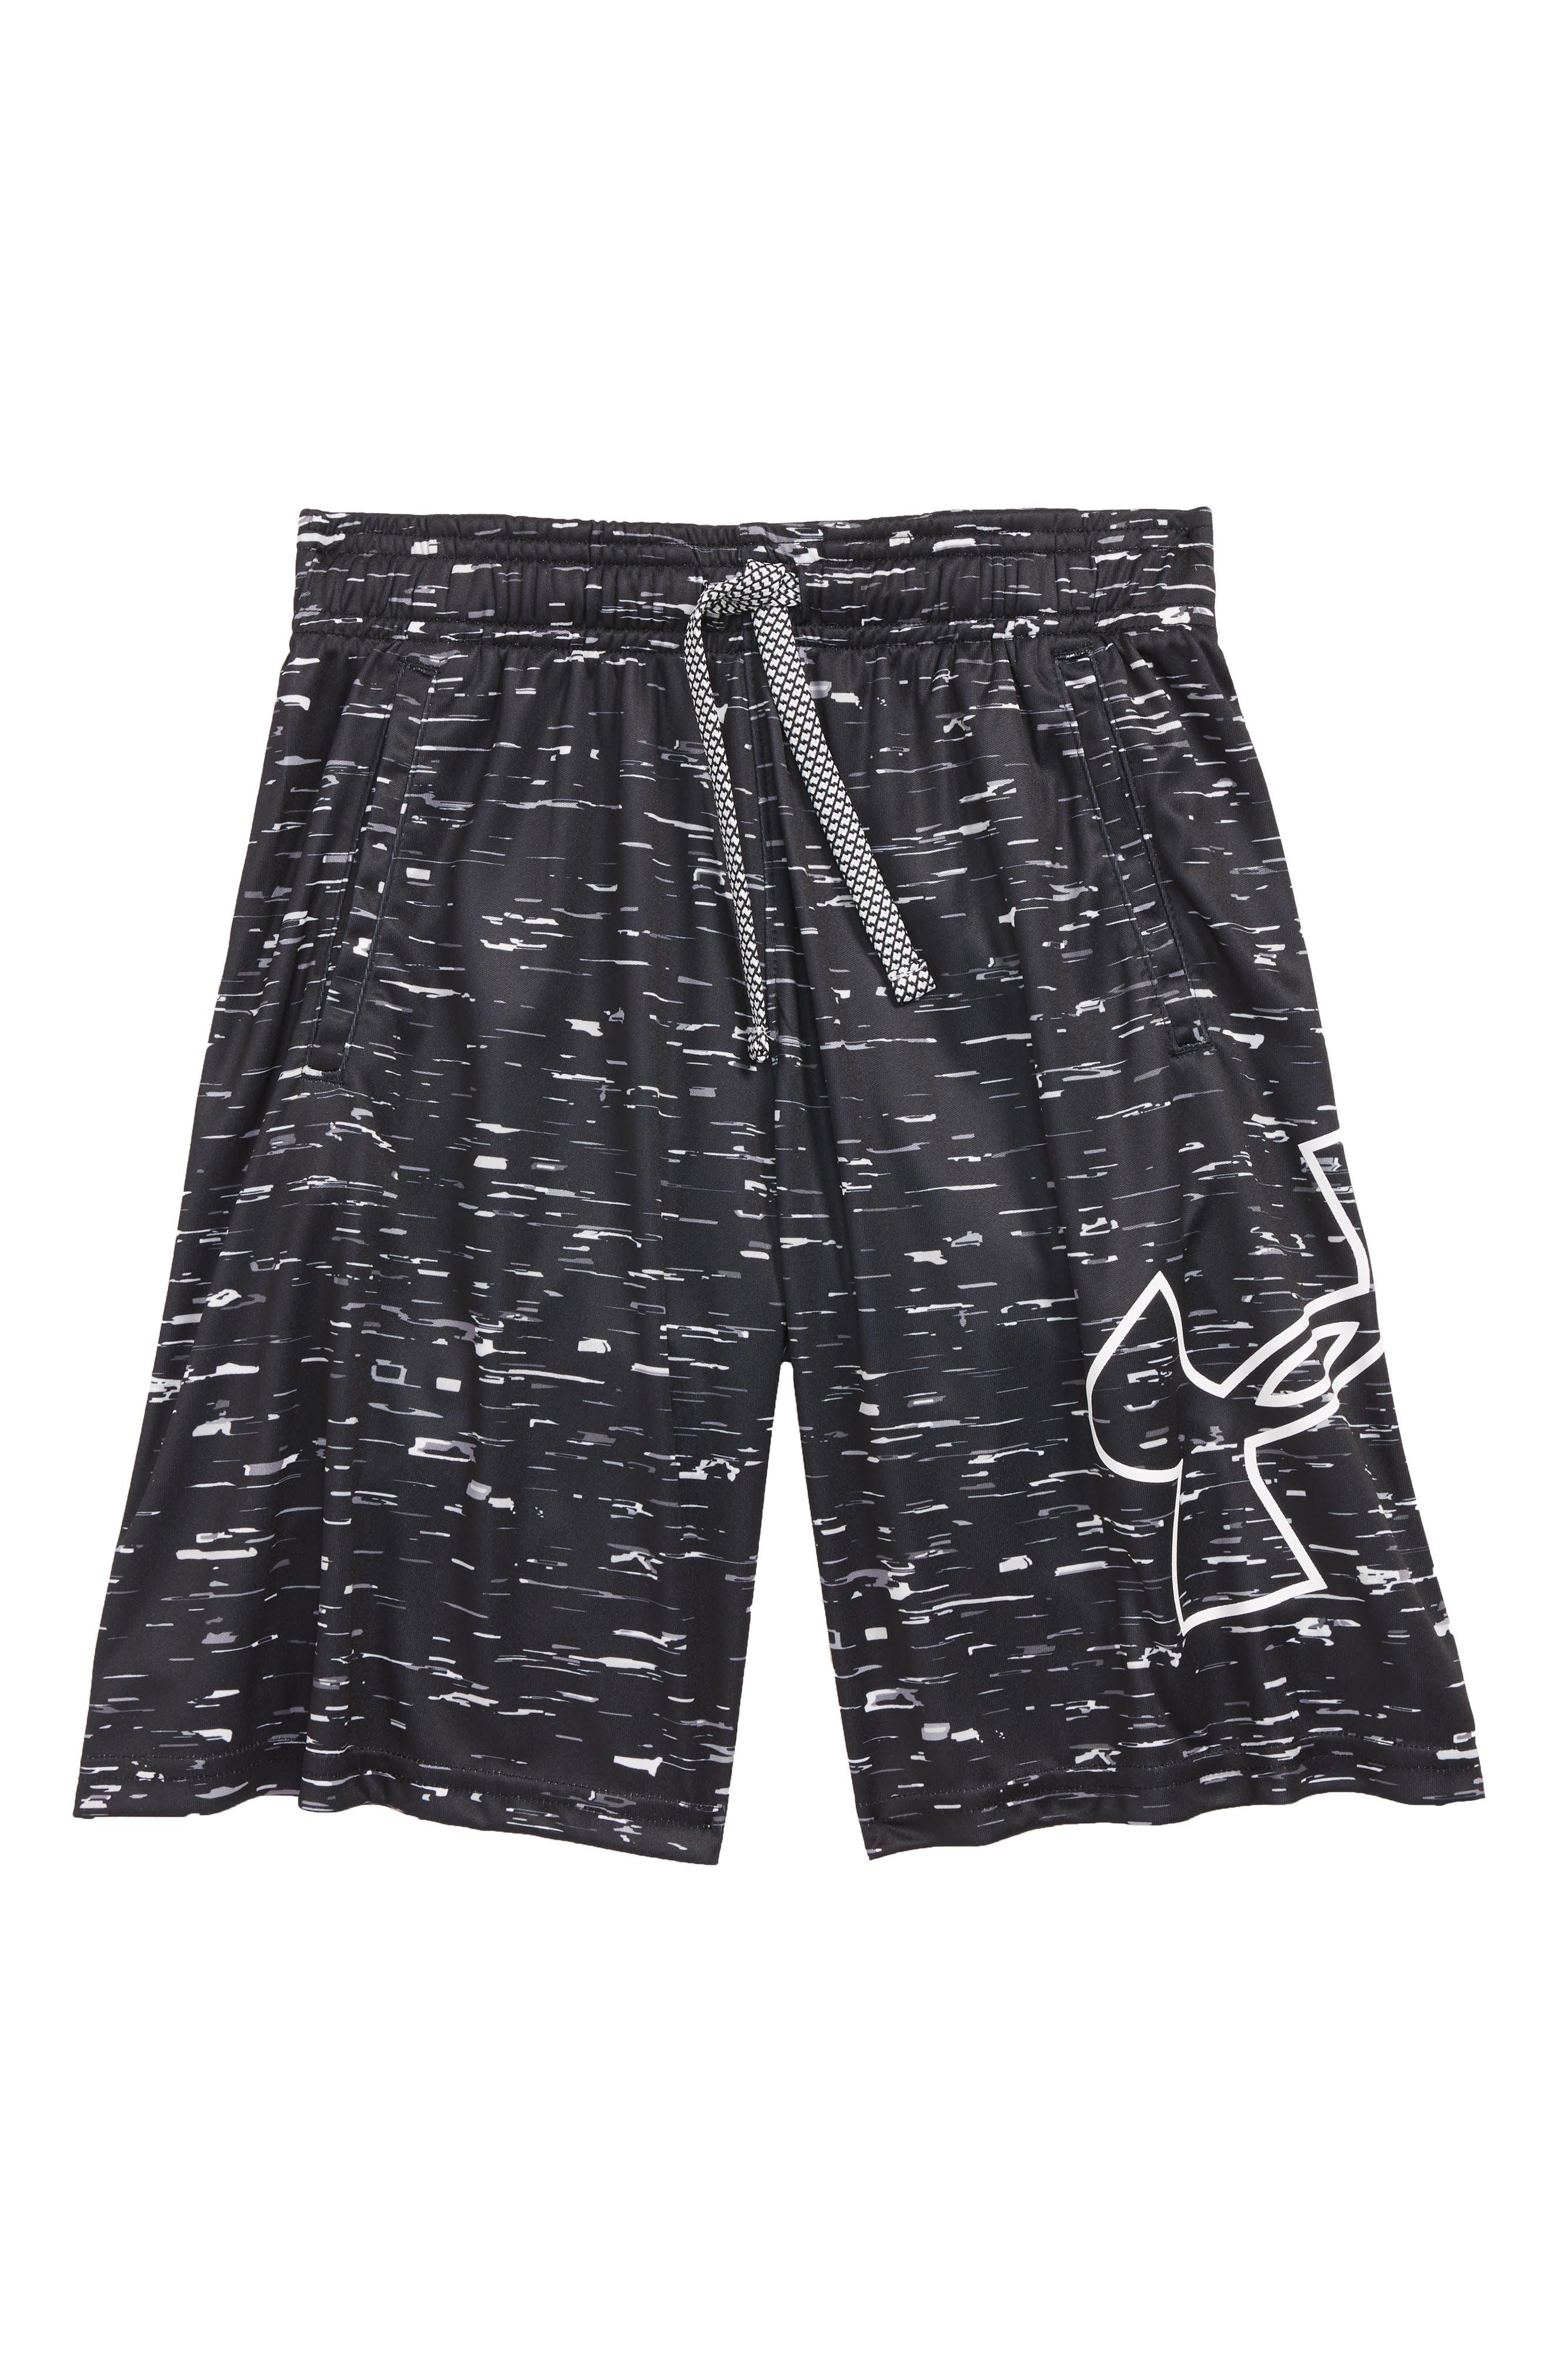 Renegade 2.0 Shorts,                             Main thumbnail 1, color,                             BLACK/ WHITE